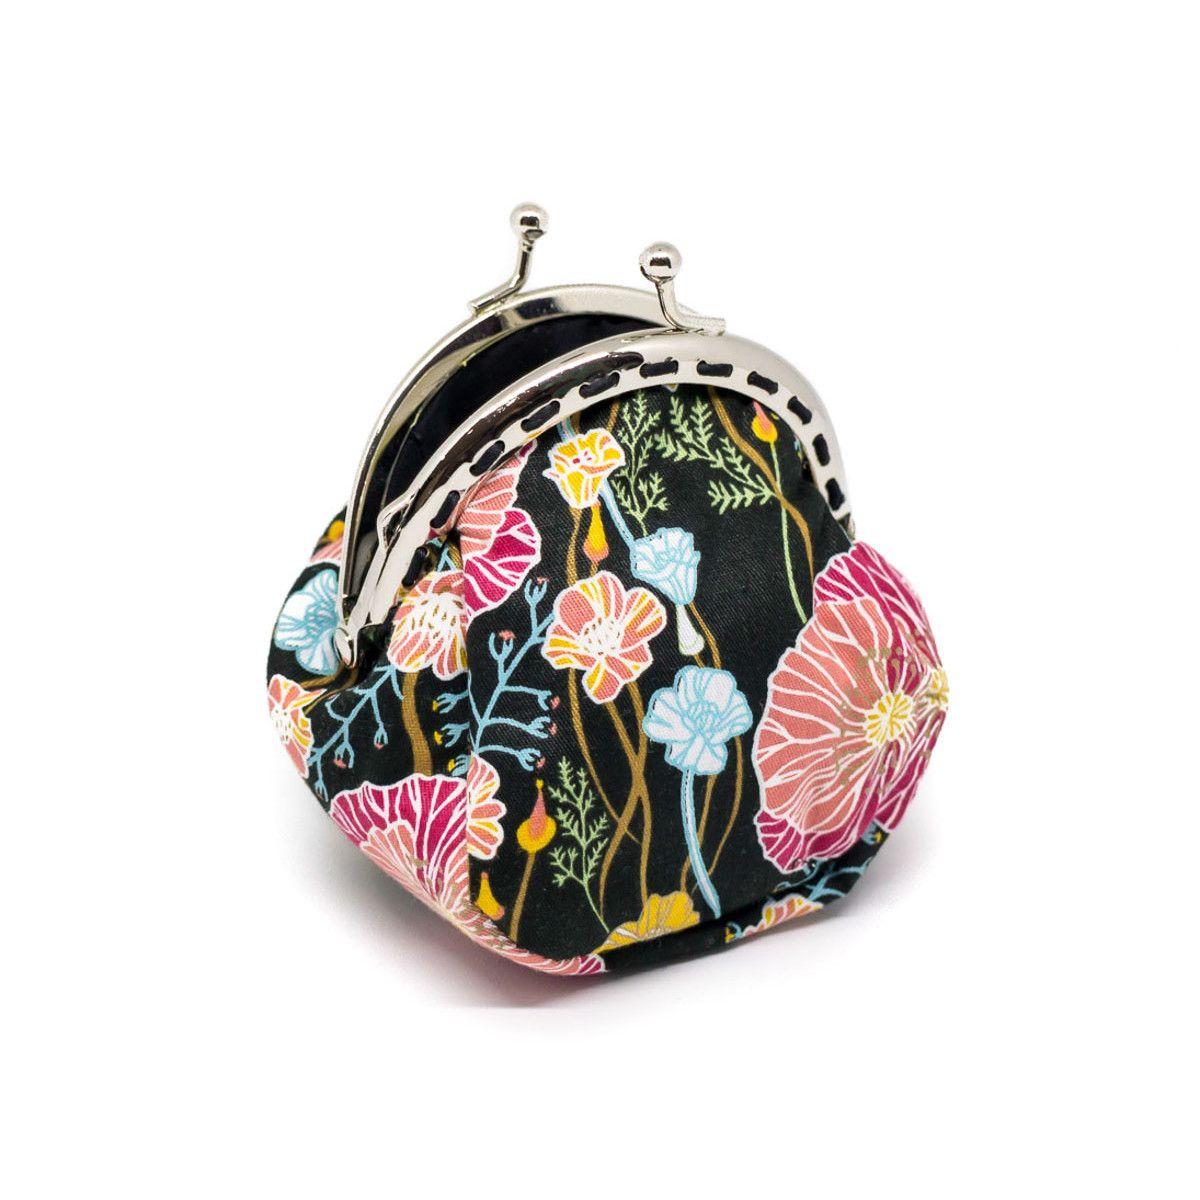 Petit porte-monnaie bourse à clip rétro noir et fleurs